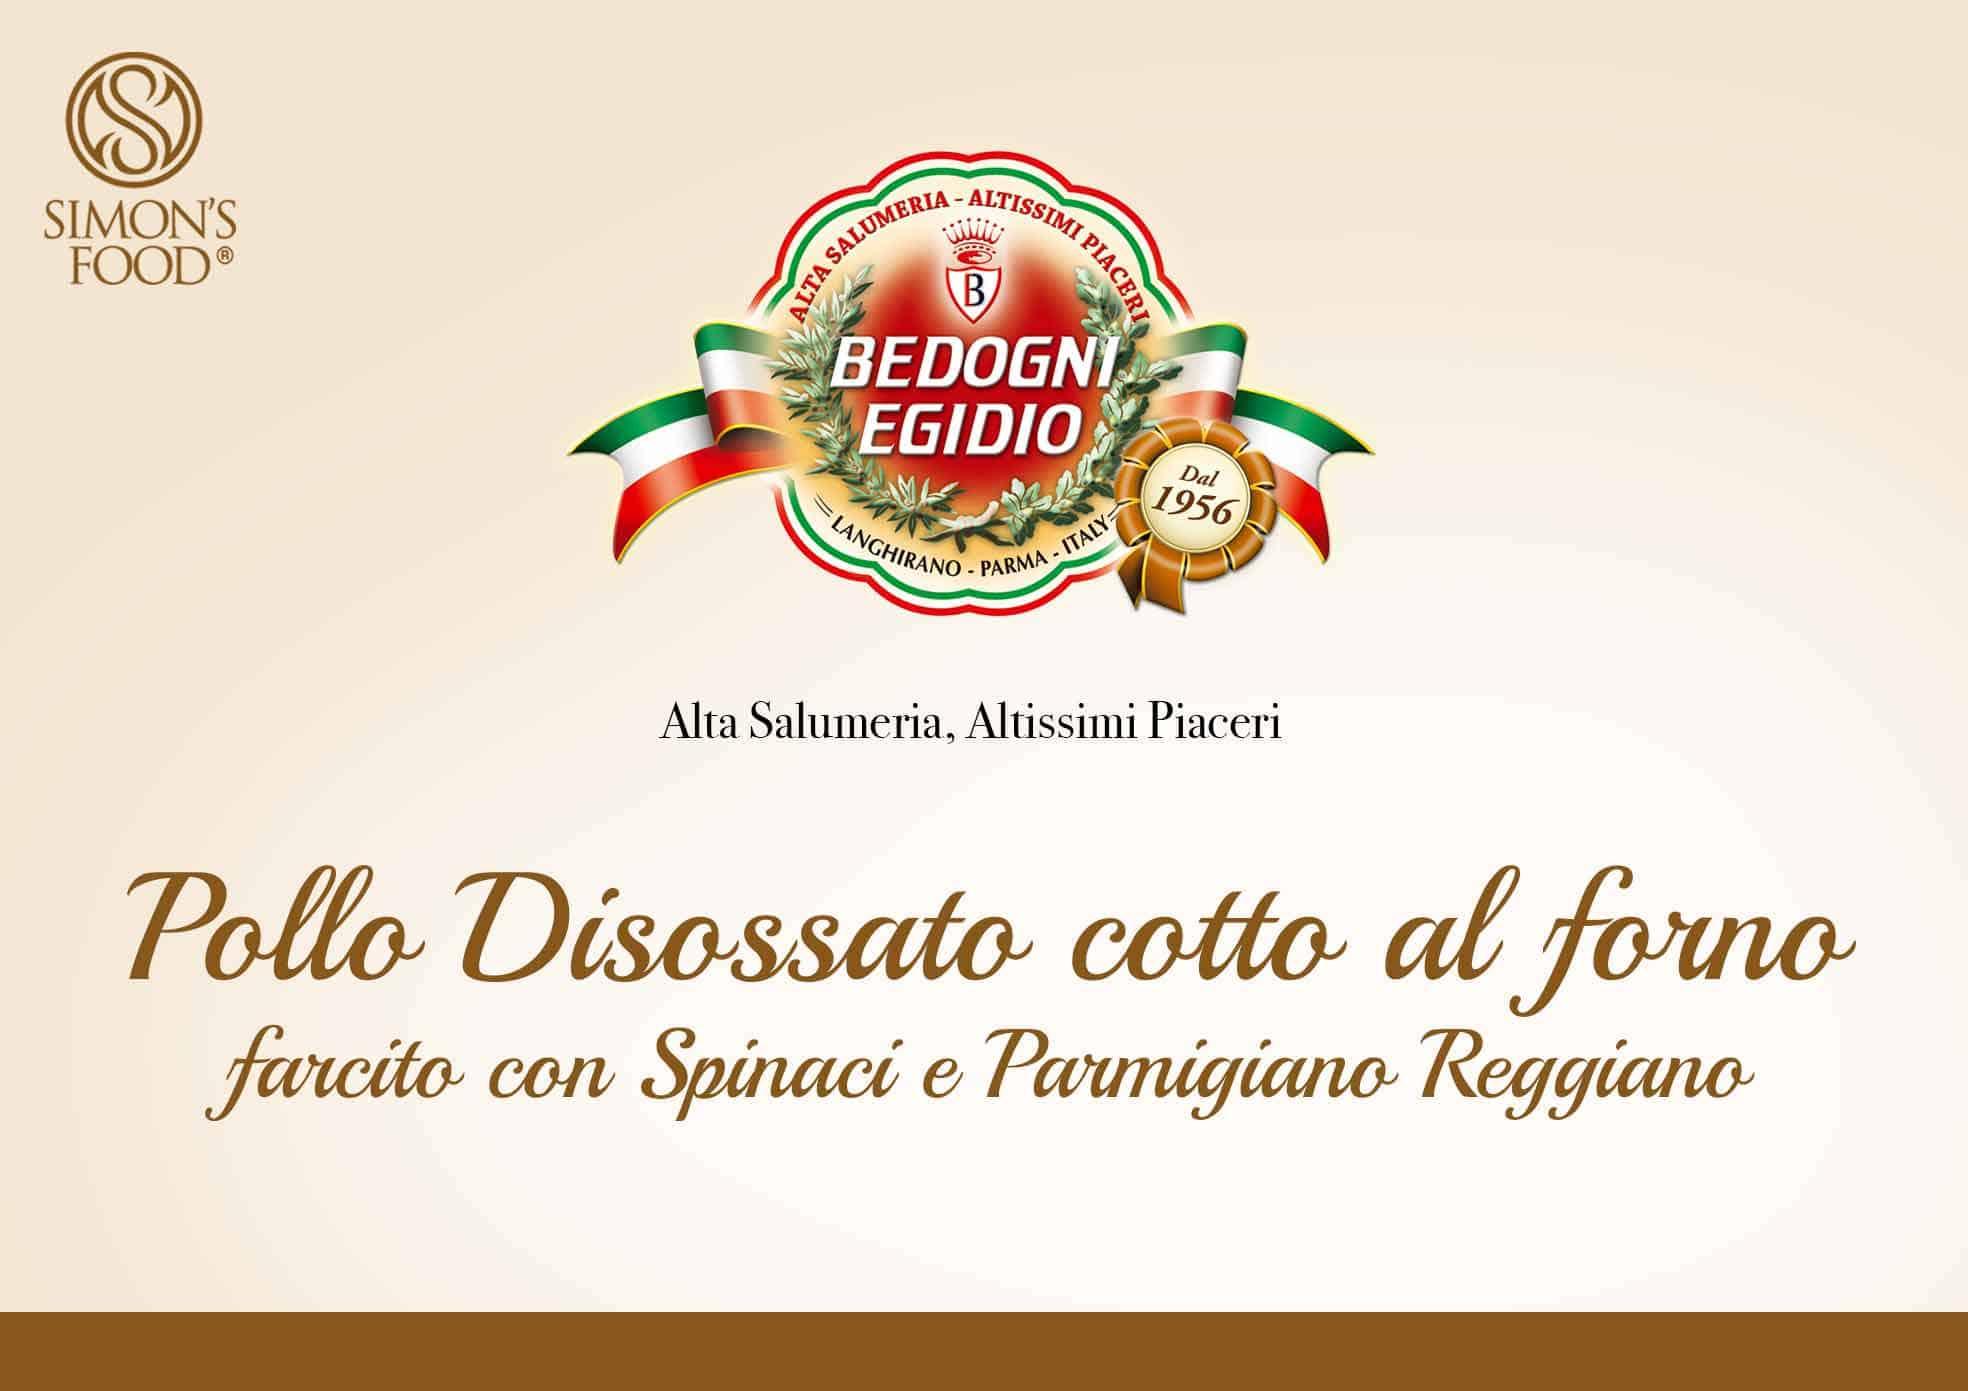 Pollo disossato cotto al forno farcito con spinaci e Parmigiano Reggiano - Prosciuttificio Bedogni